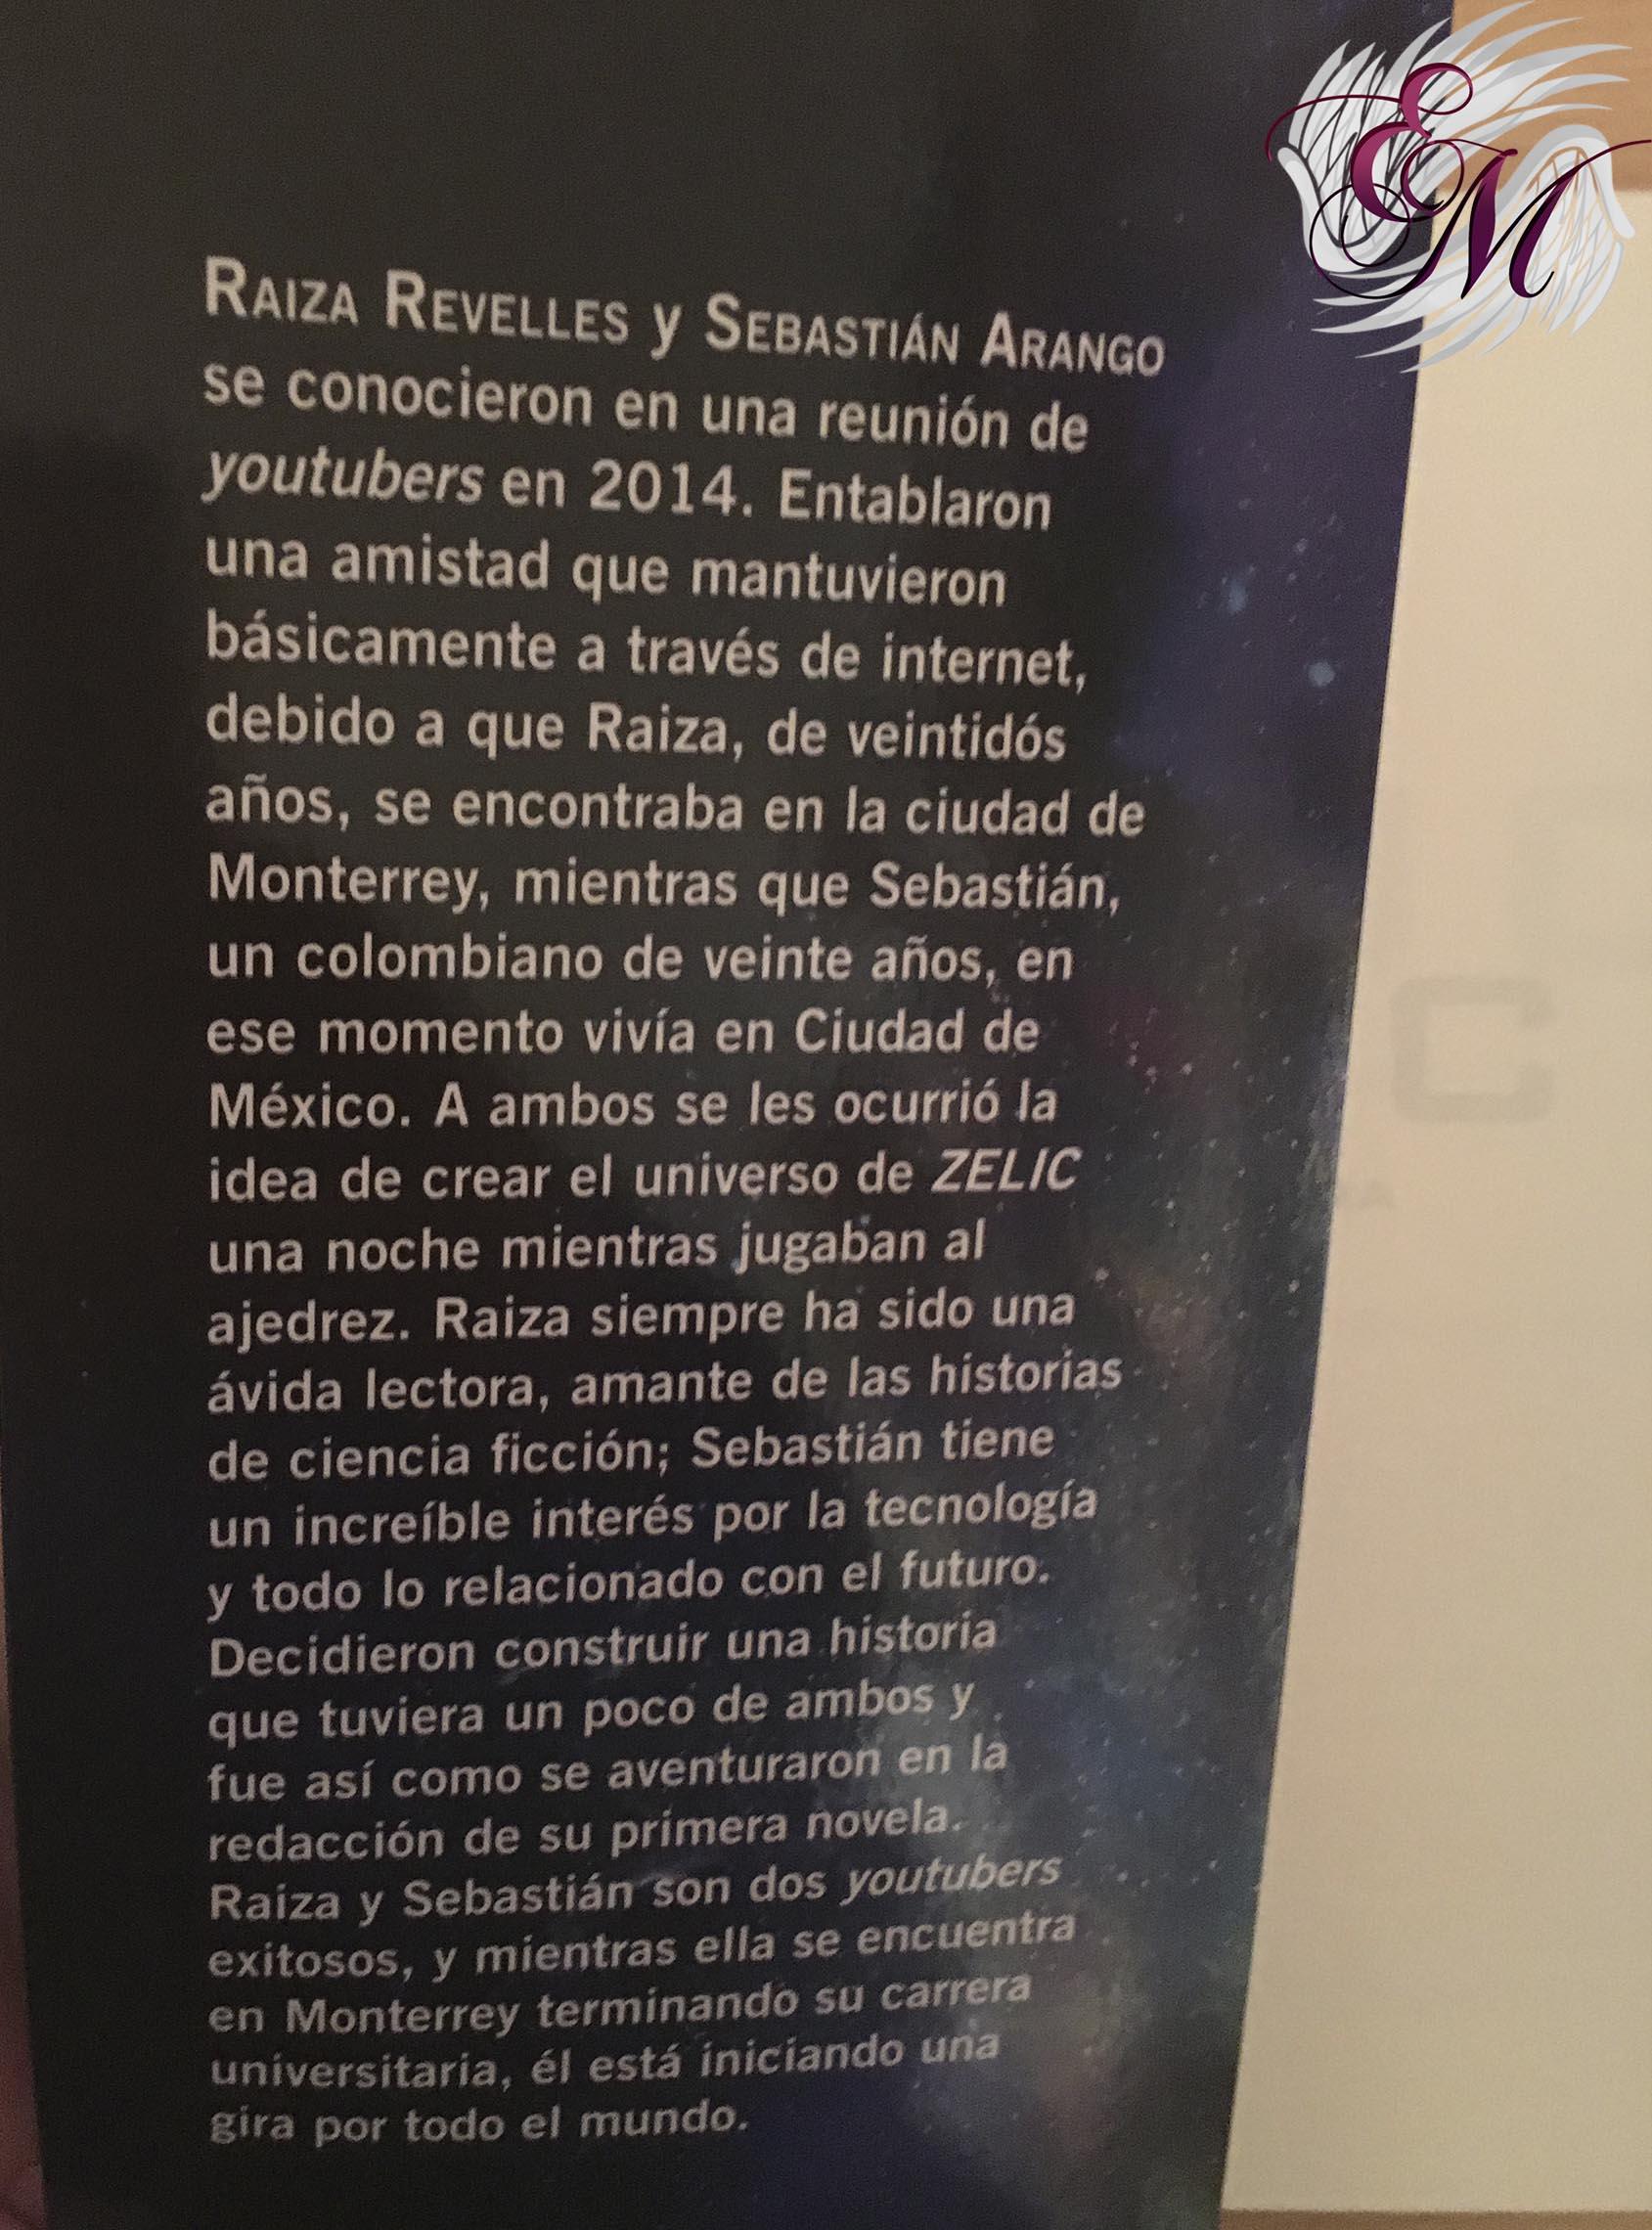 Zelic. La nueva tierra, de Raiza Revelles y Sebastián Arango - Reseña